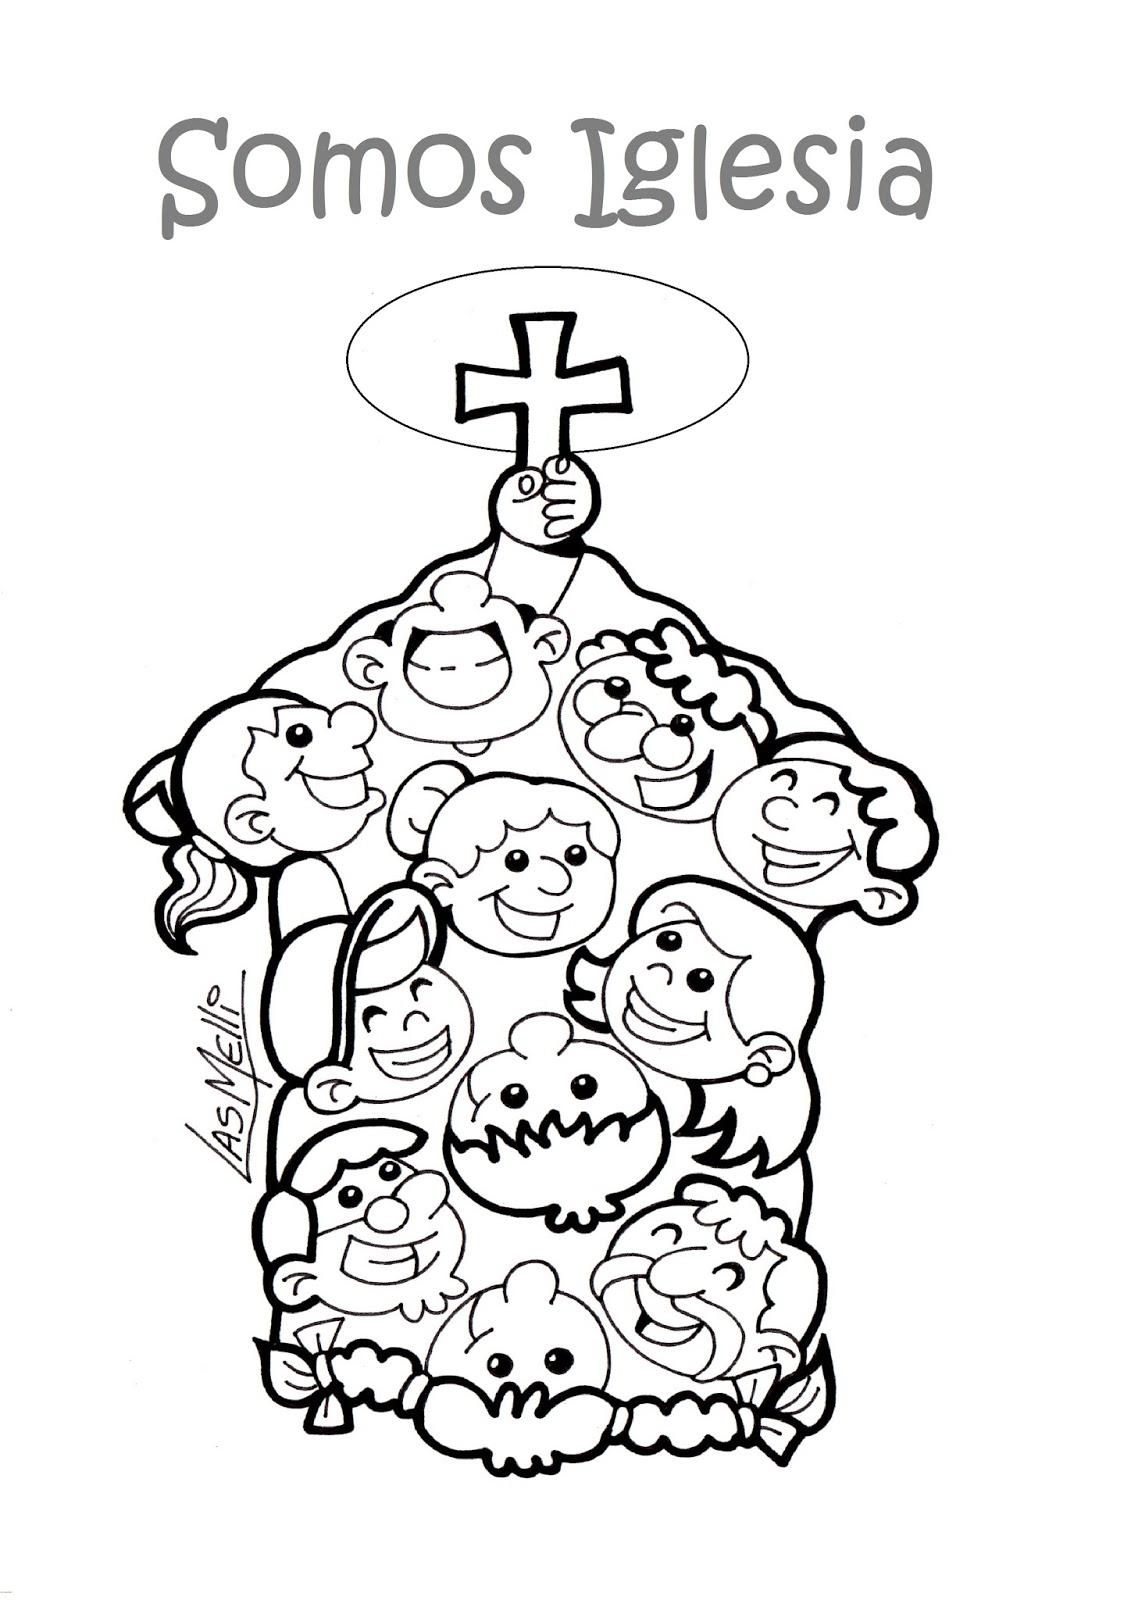 El Rincón de las Melli: DIBUJO: Somos Iglesia